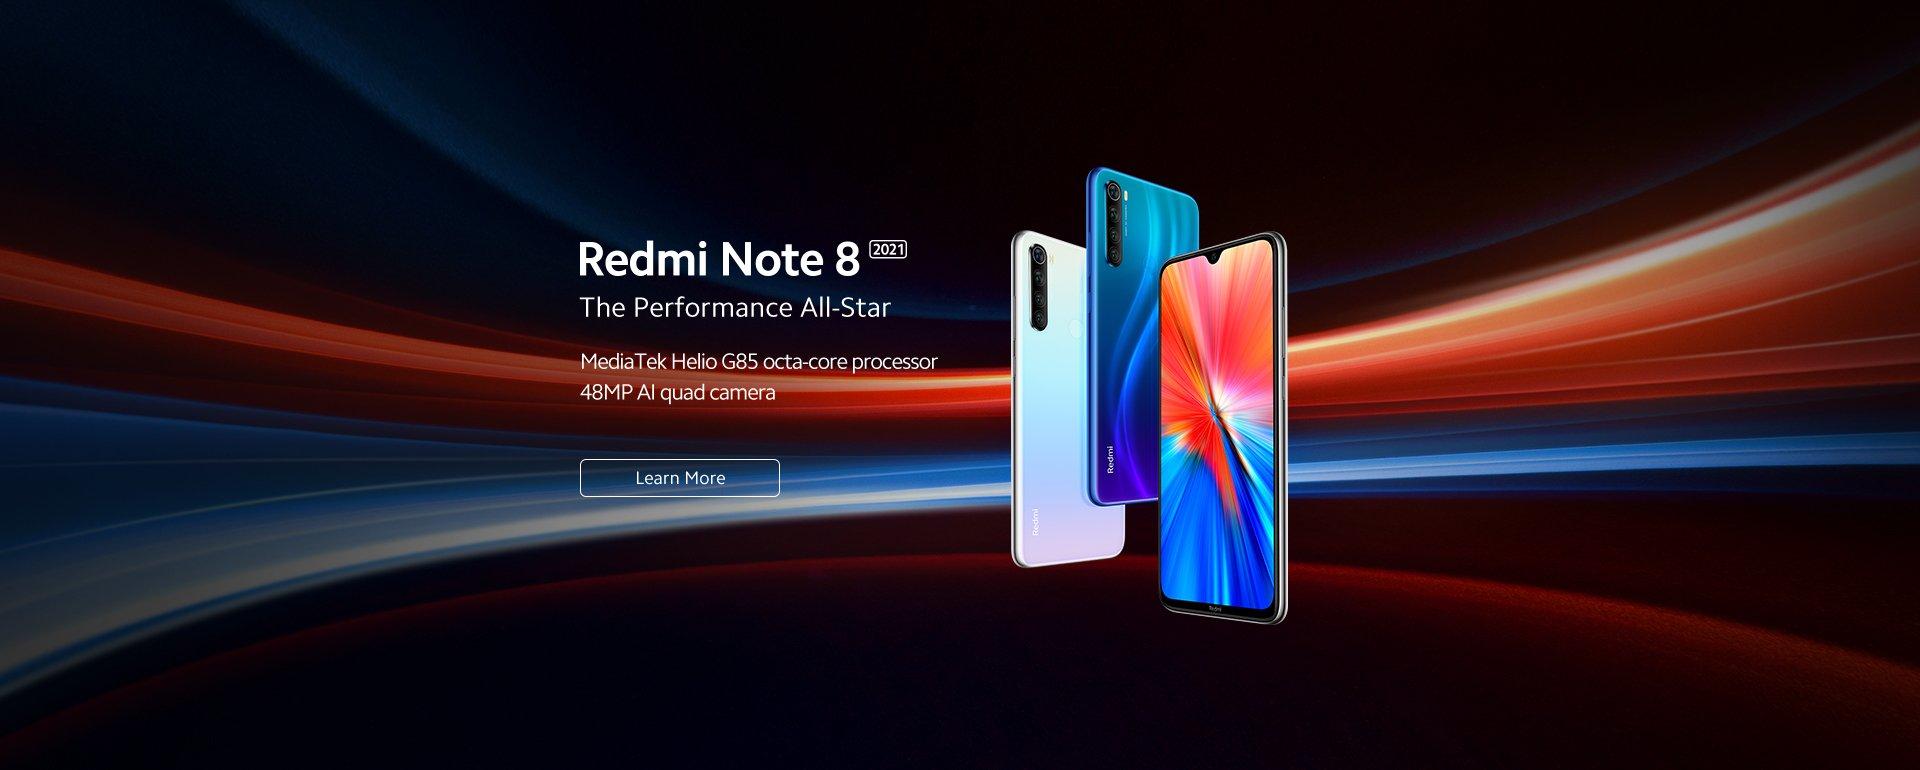 Redmi-Note 8 2021